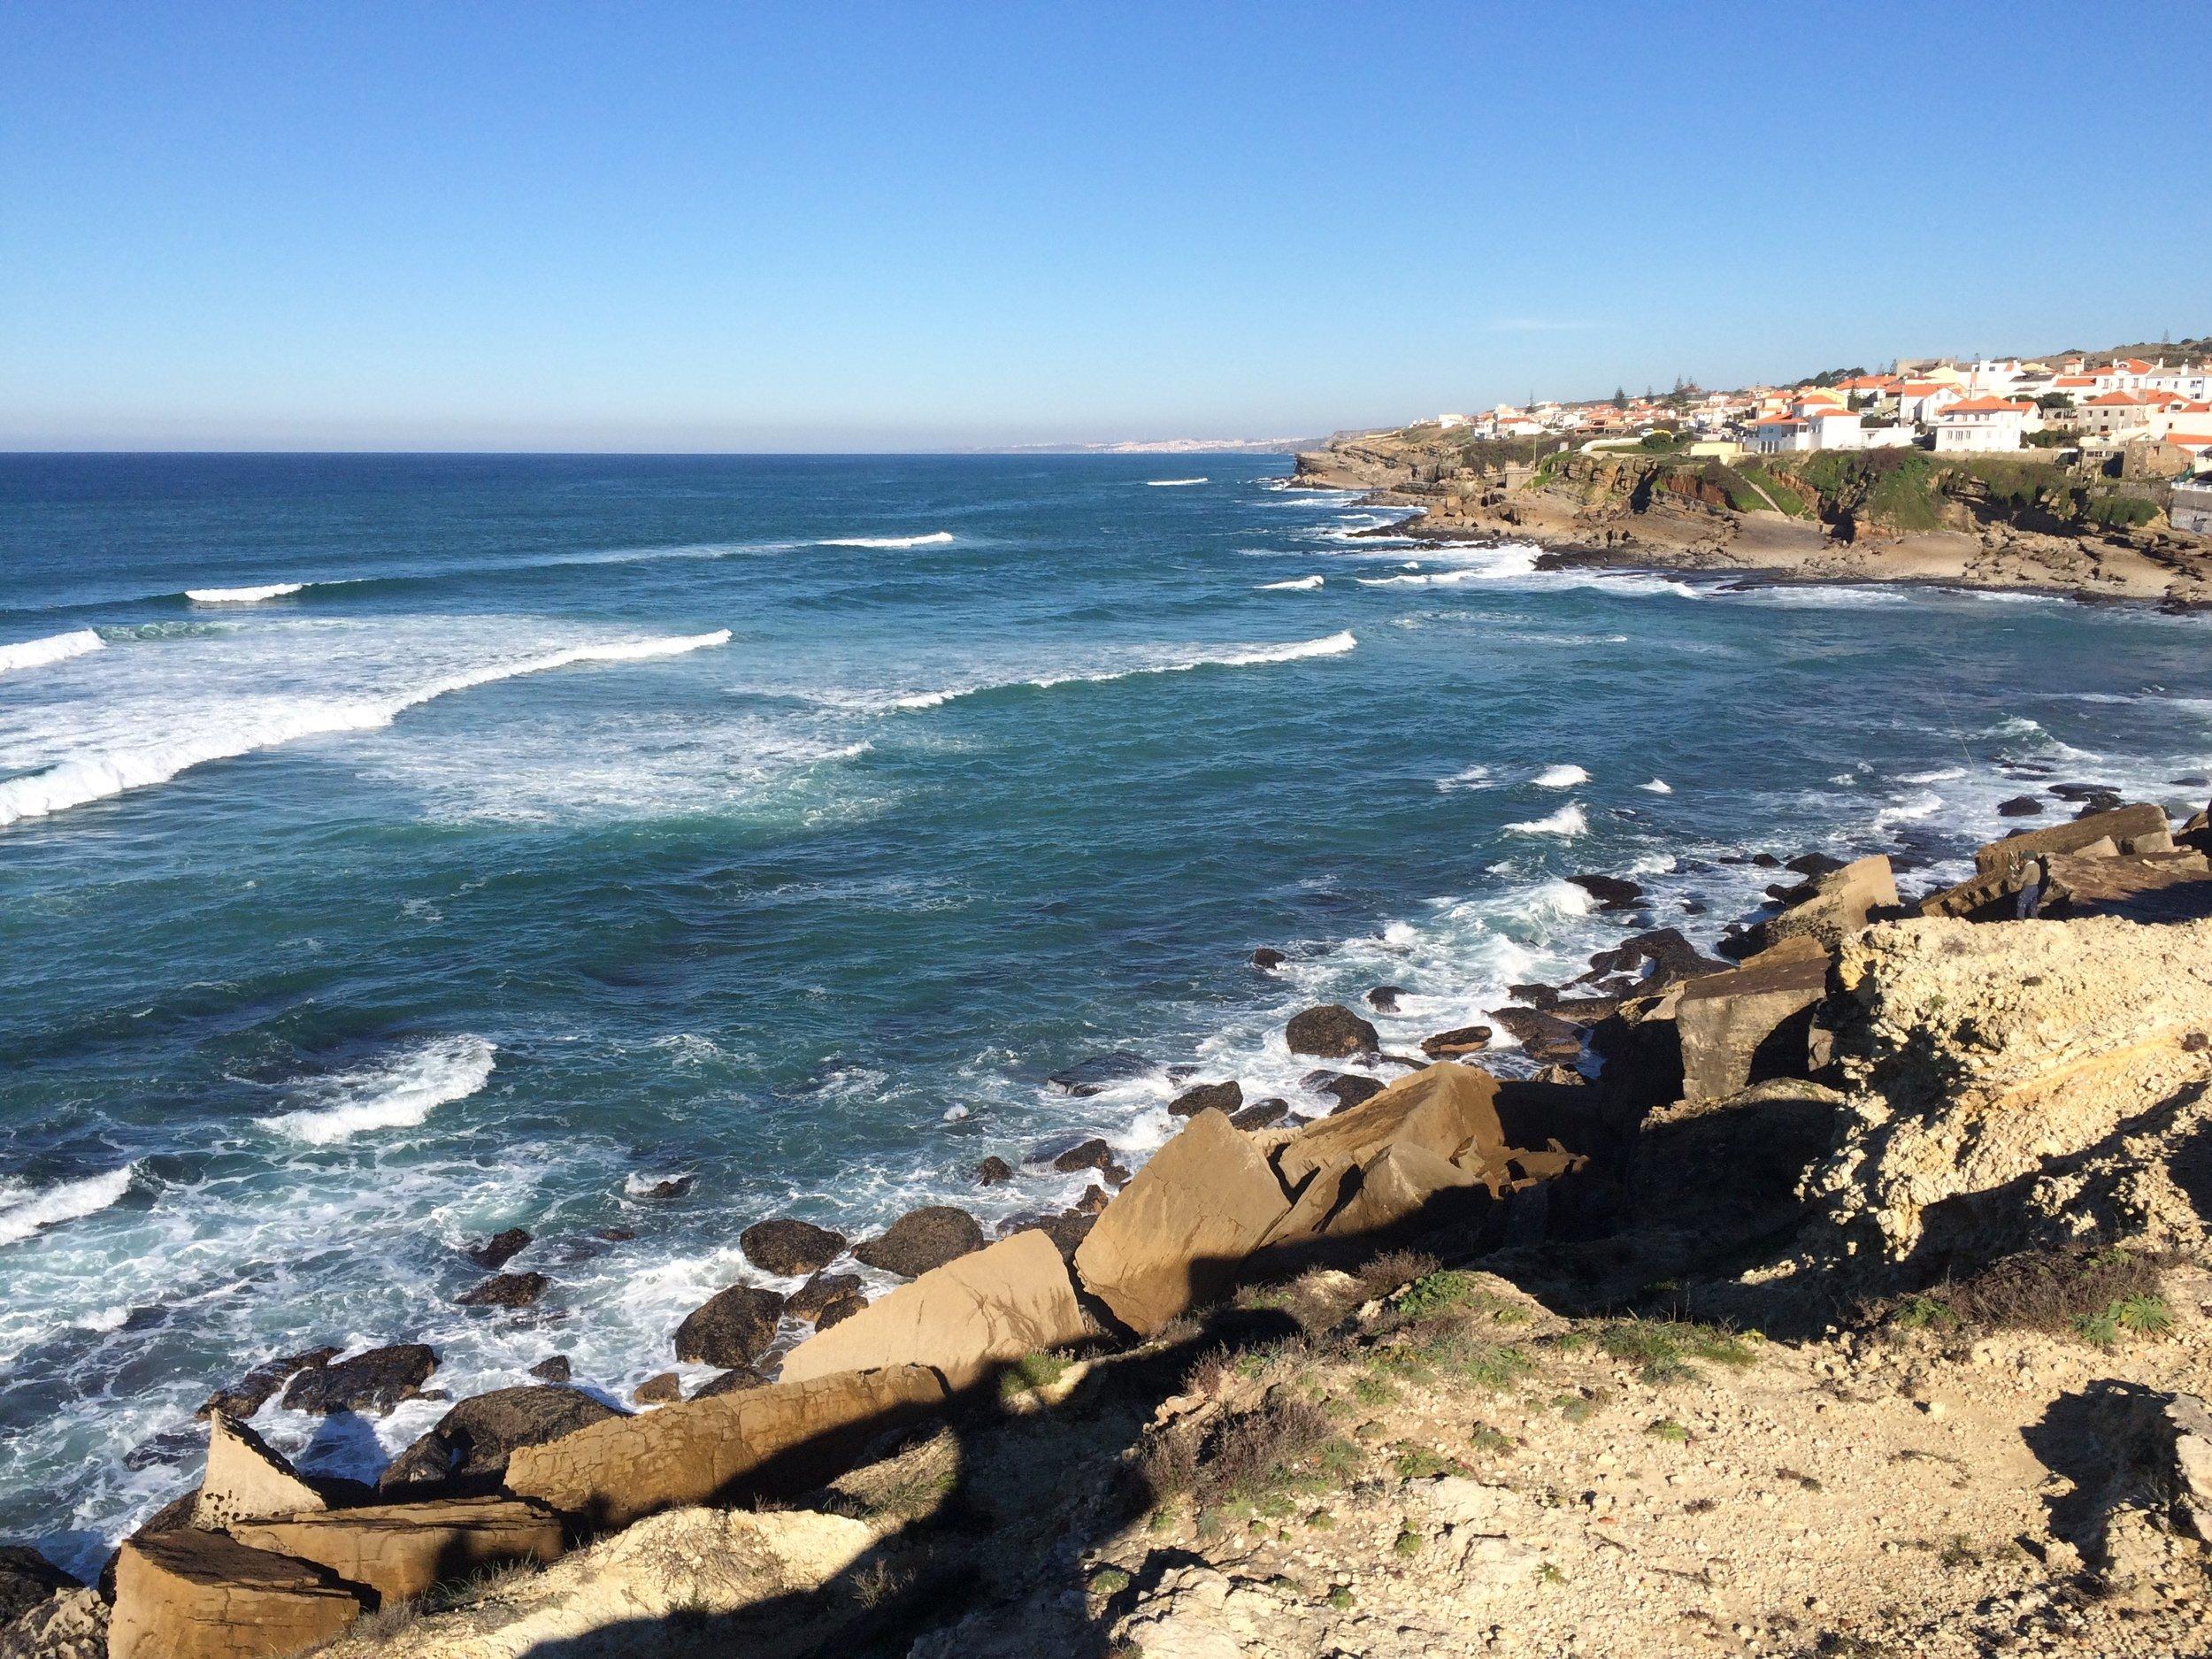 Just along the coastal path from Praia das macas